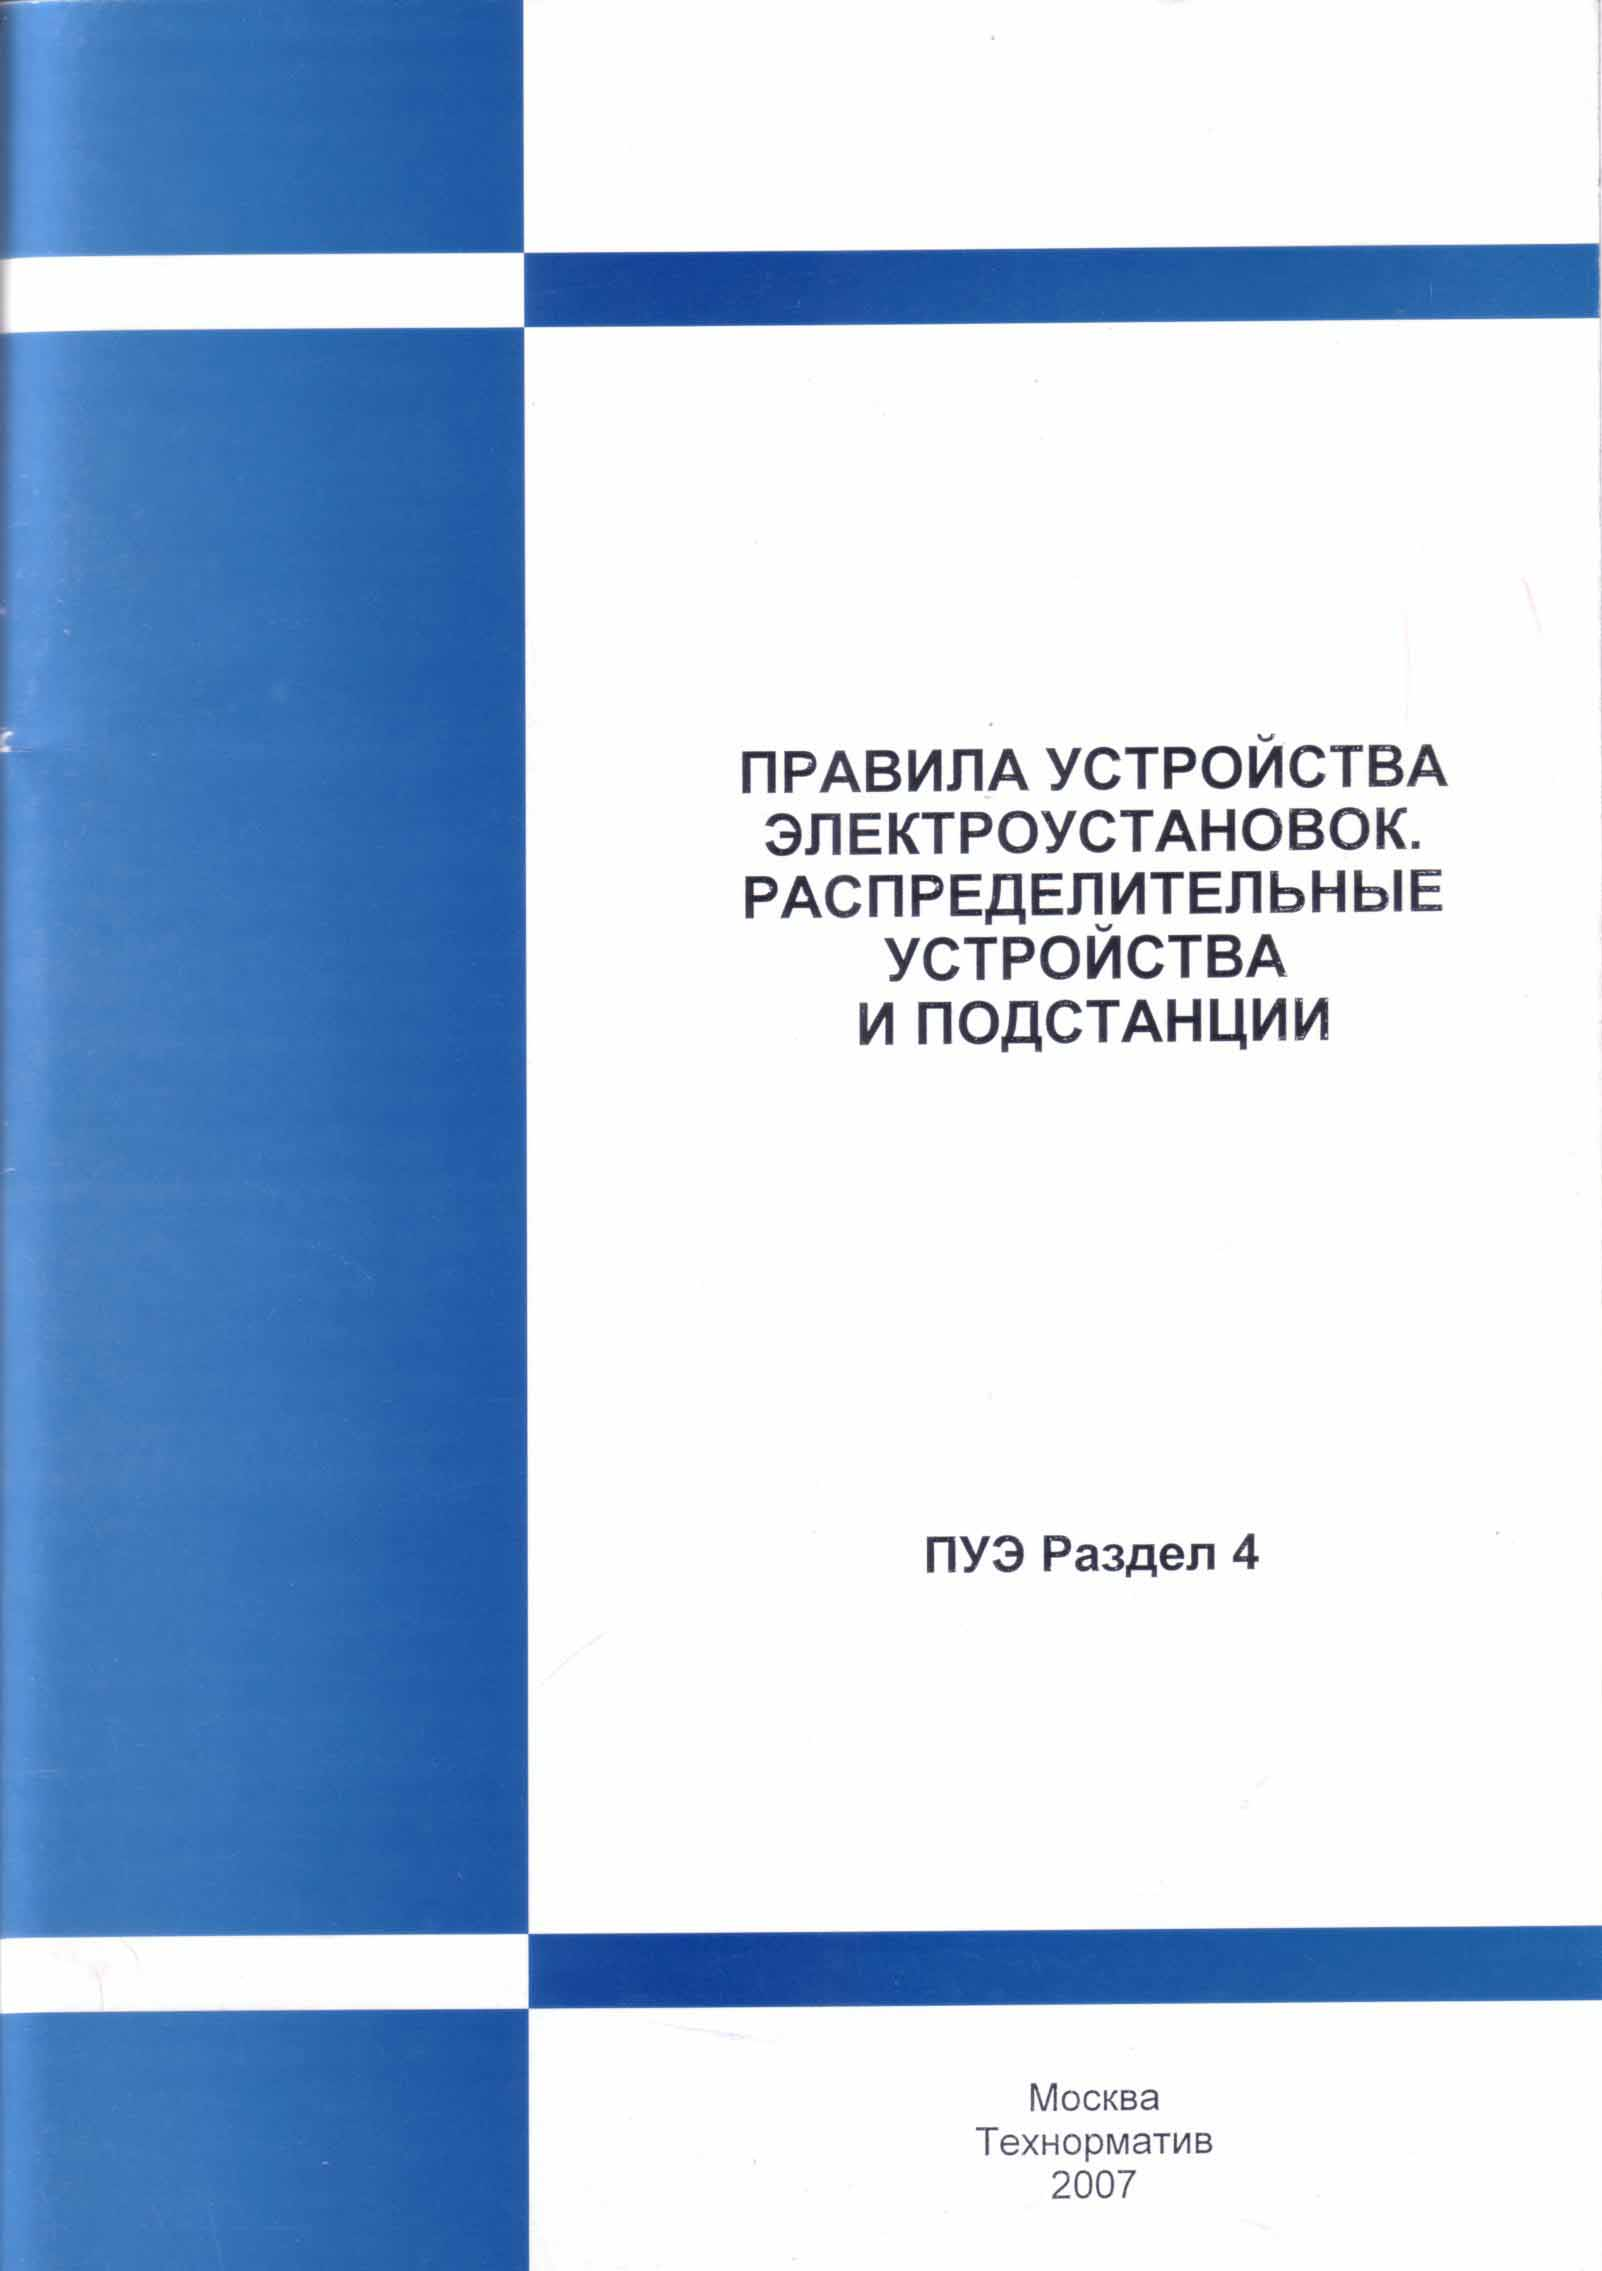 Монтаж электрооборудования закрытых распределительных устройств (ЗРУ)